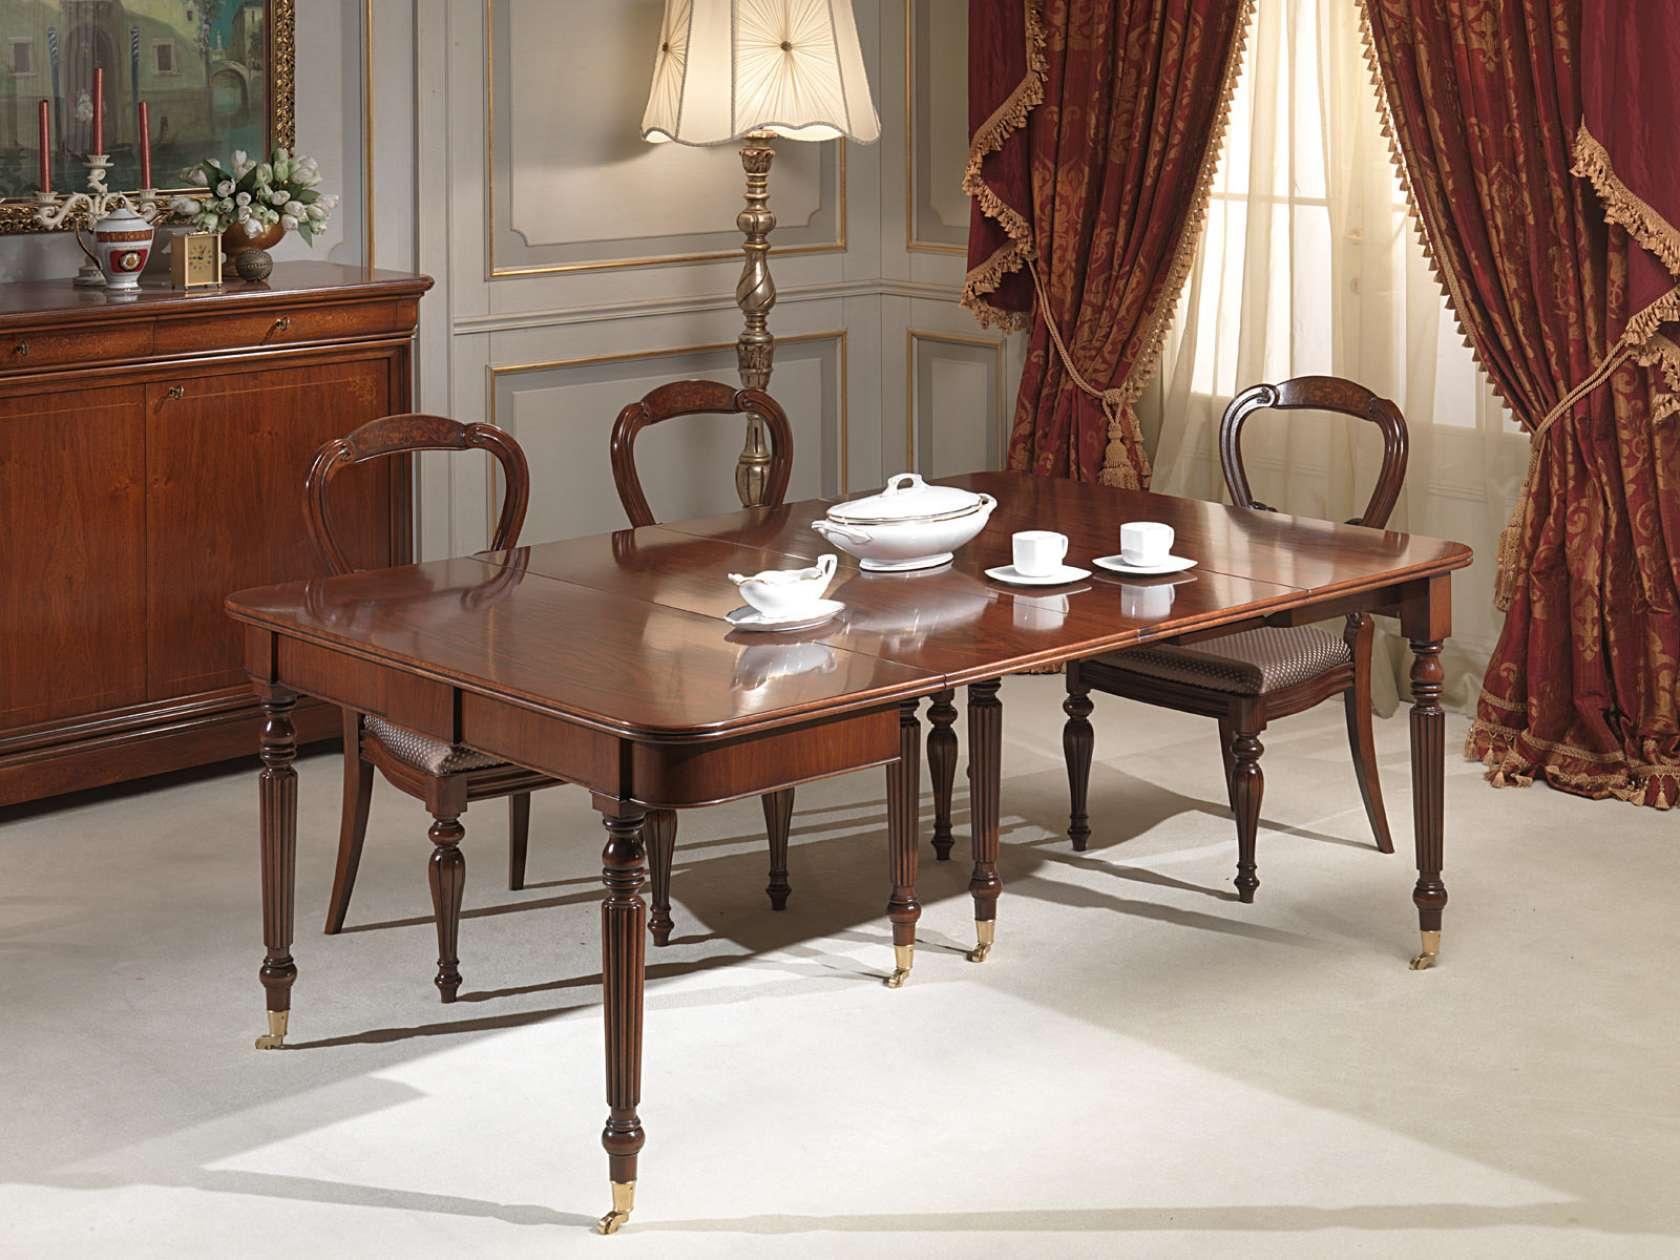 Tavolo consolle allungabile vimercati meda - Tavolo consolle allungabile stile classico ...